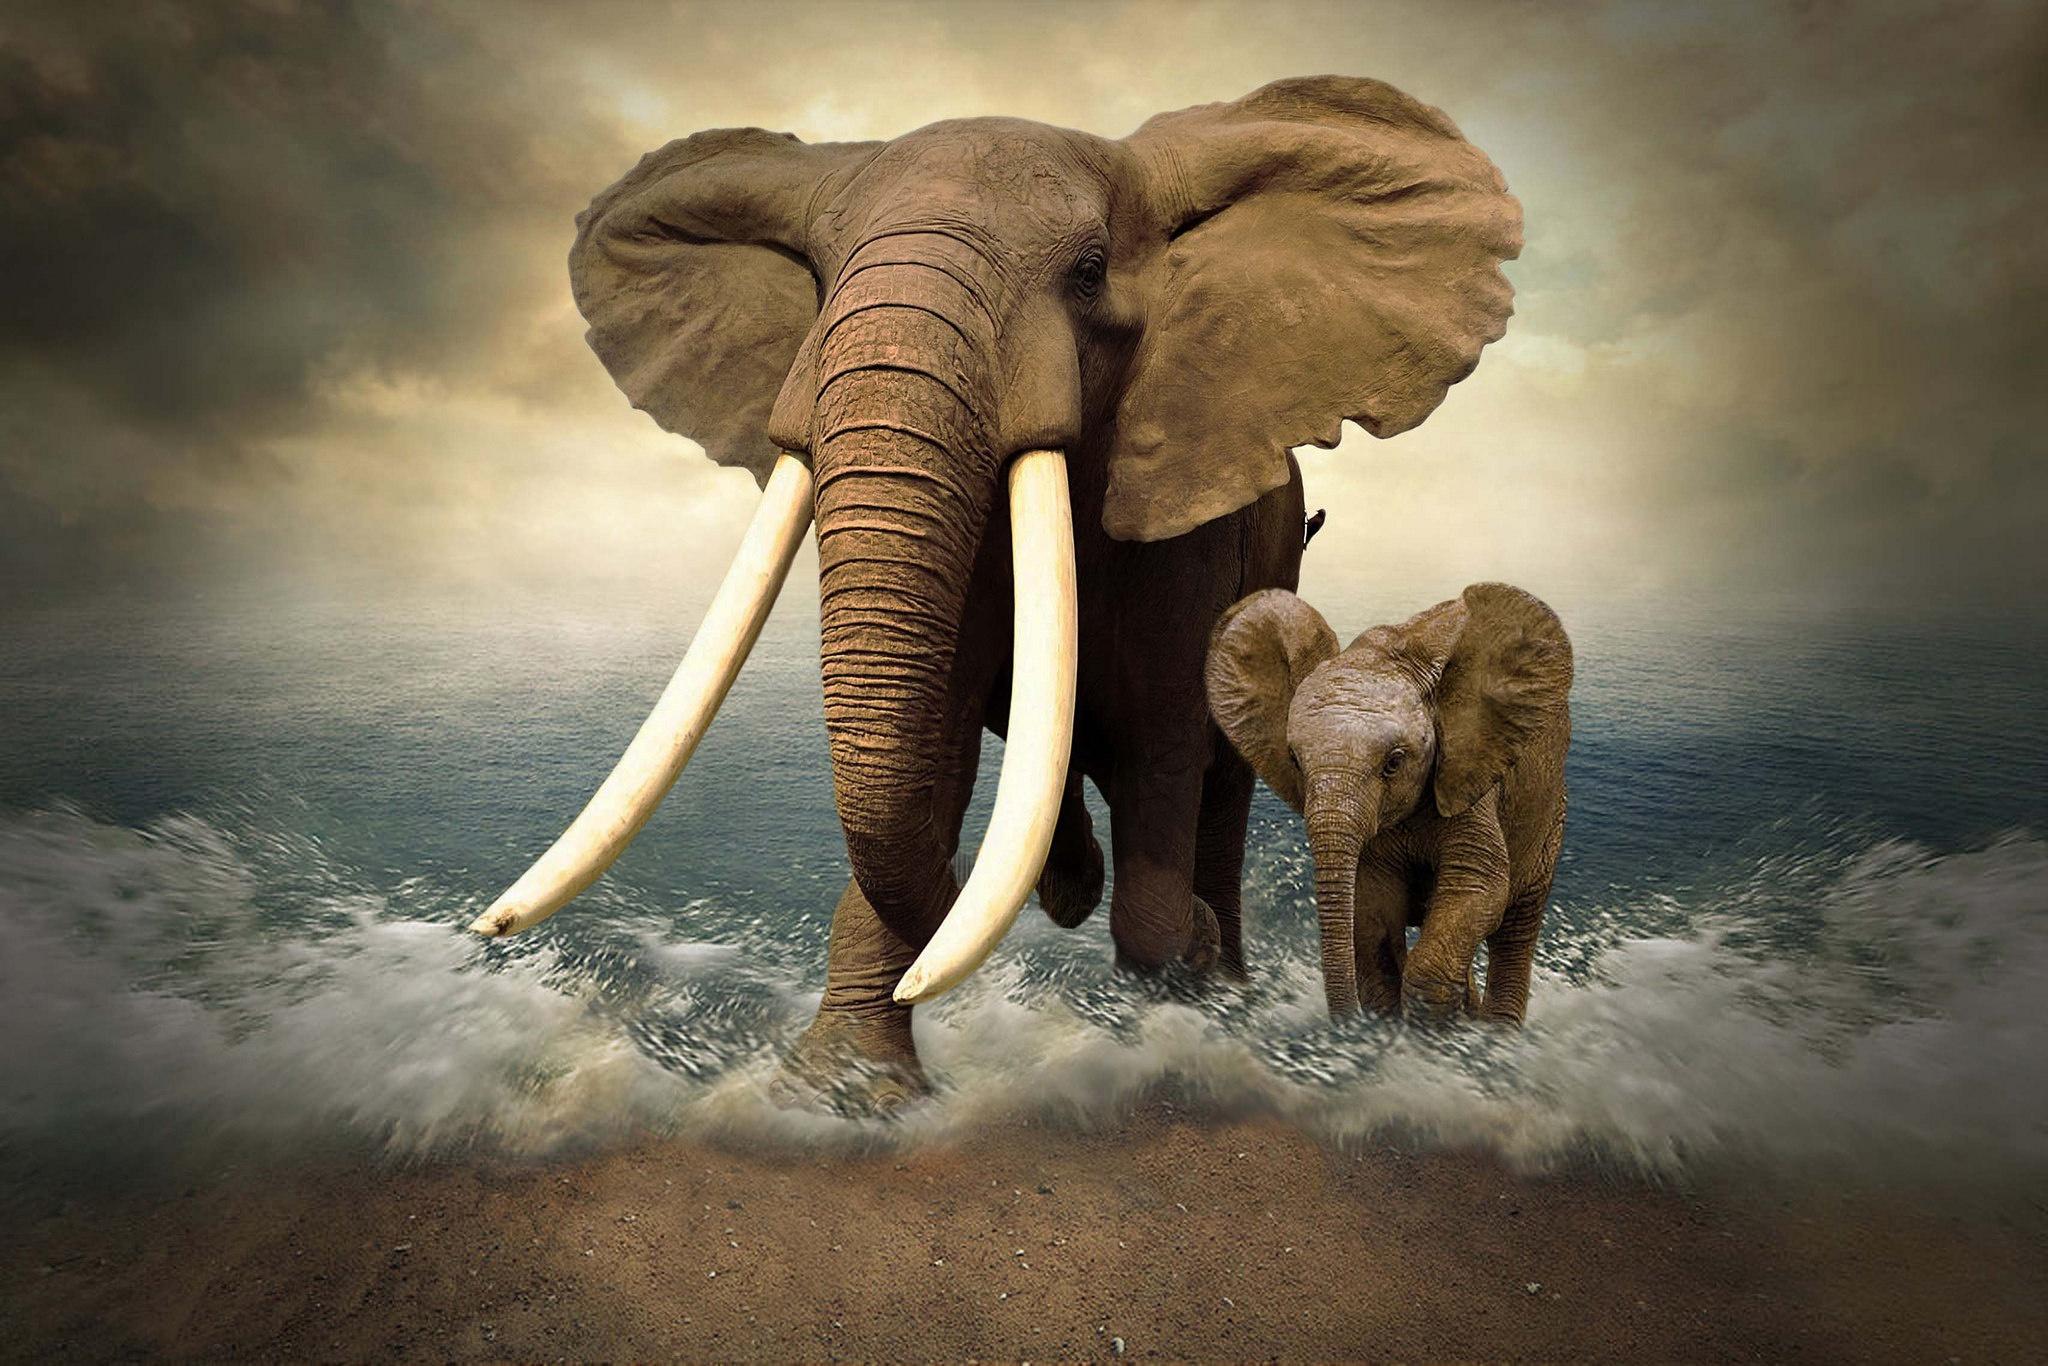 смотреть картинки со слонами очень удобный